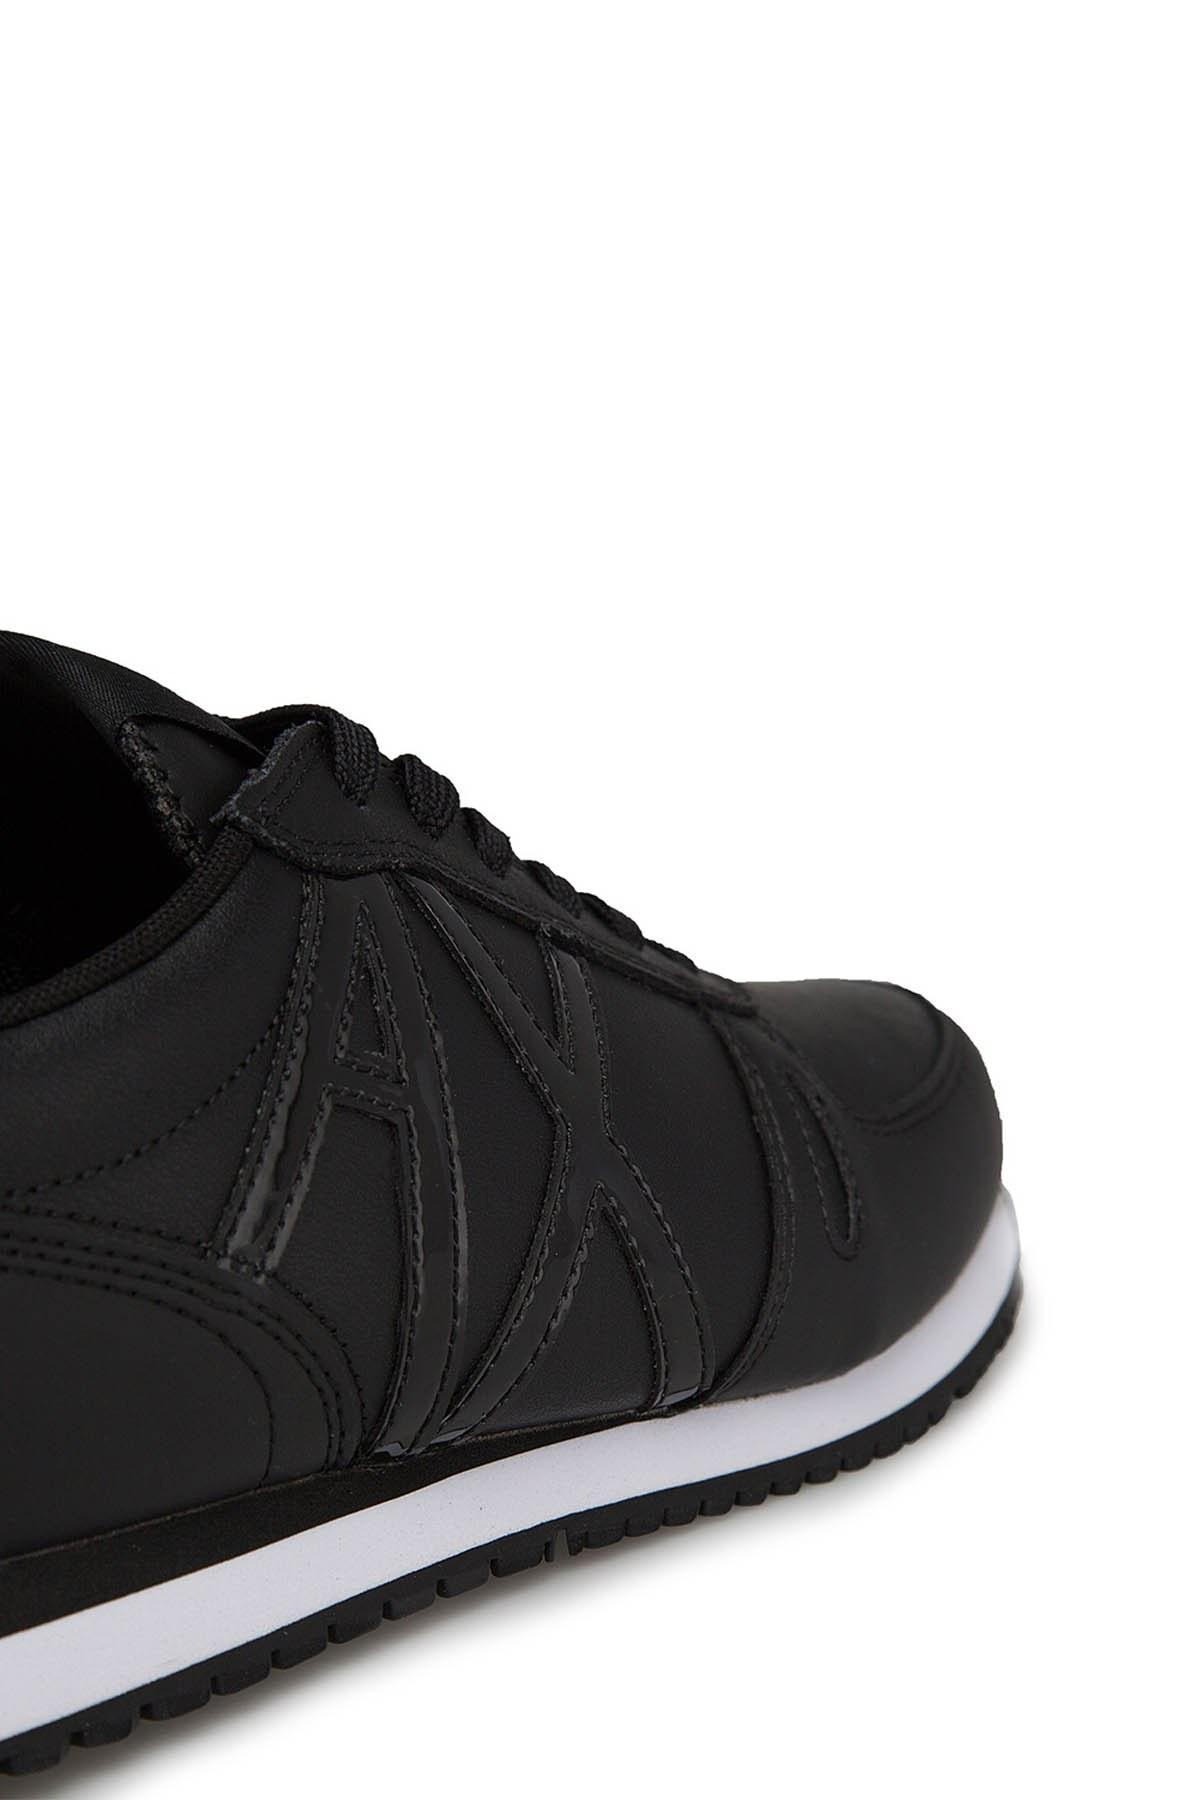 Armani Exchange Bayan Ayakkabı S XDX031 XV160 K001 SİYAH